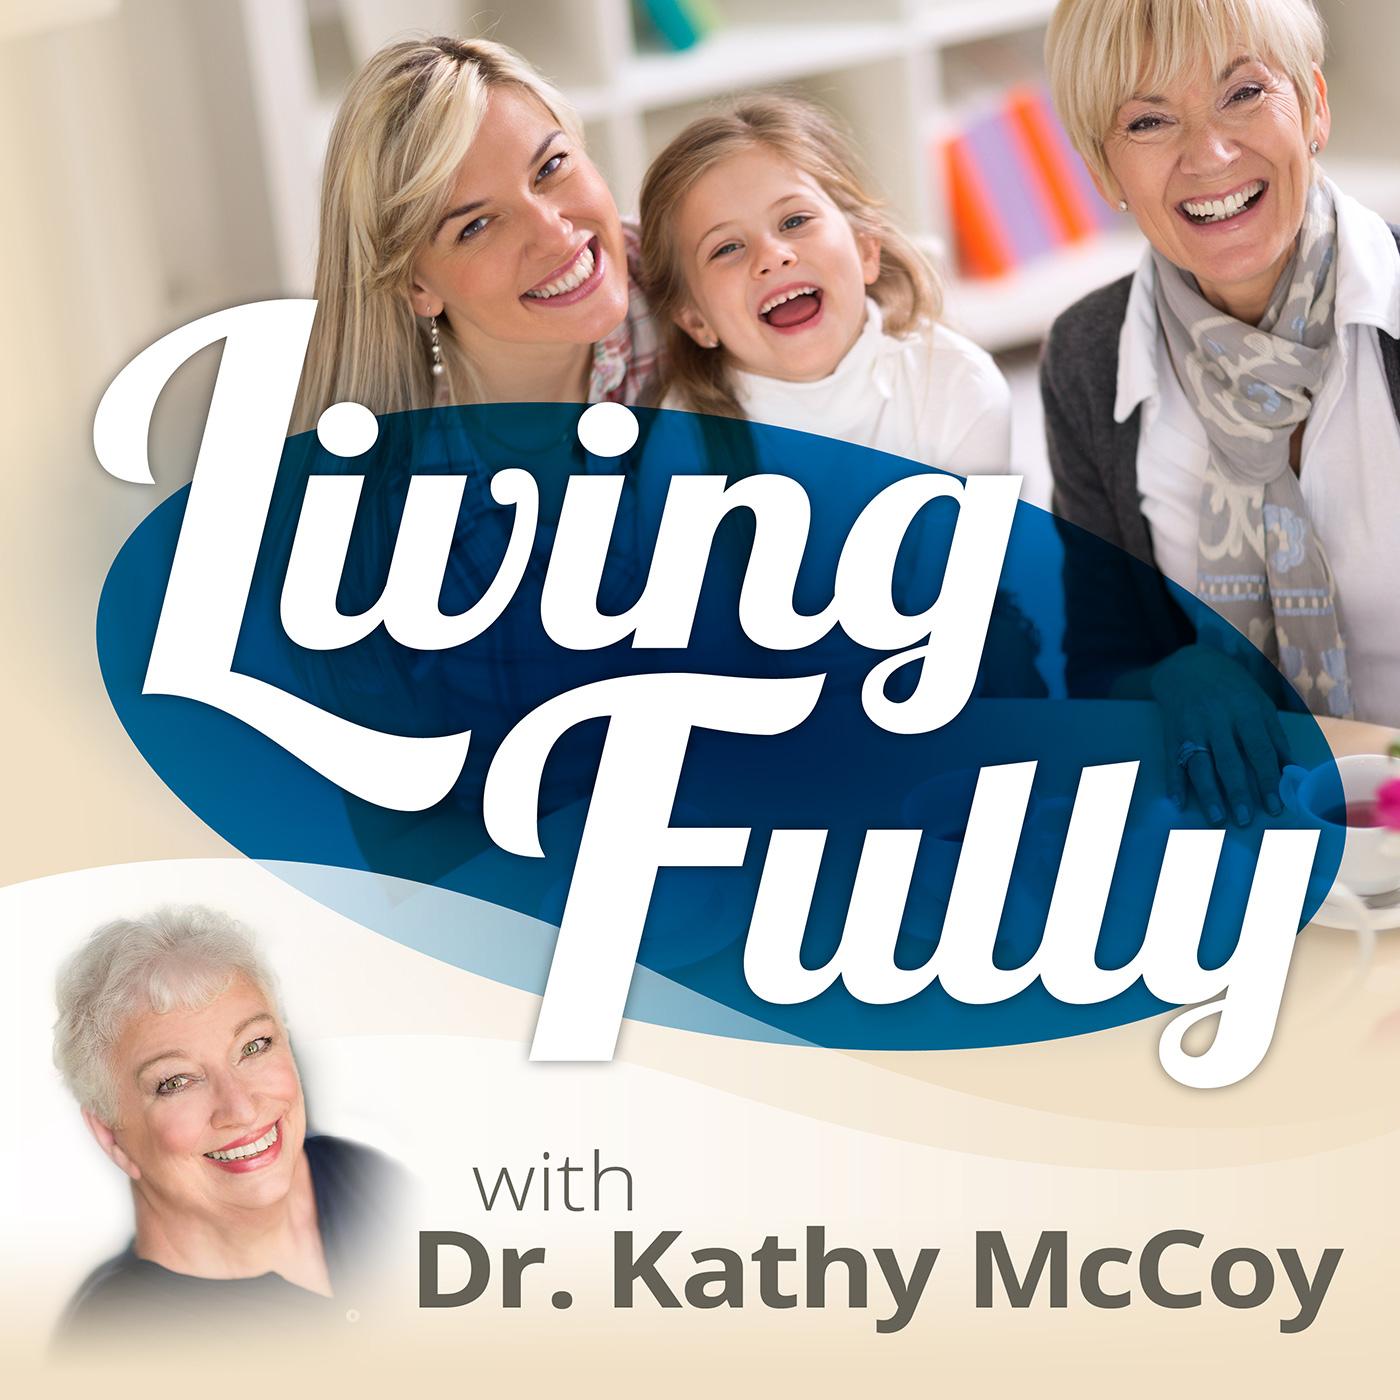 livingfullywithdrkathymccoy's podcast show art